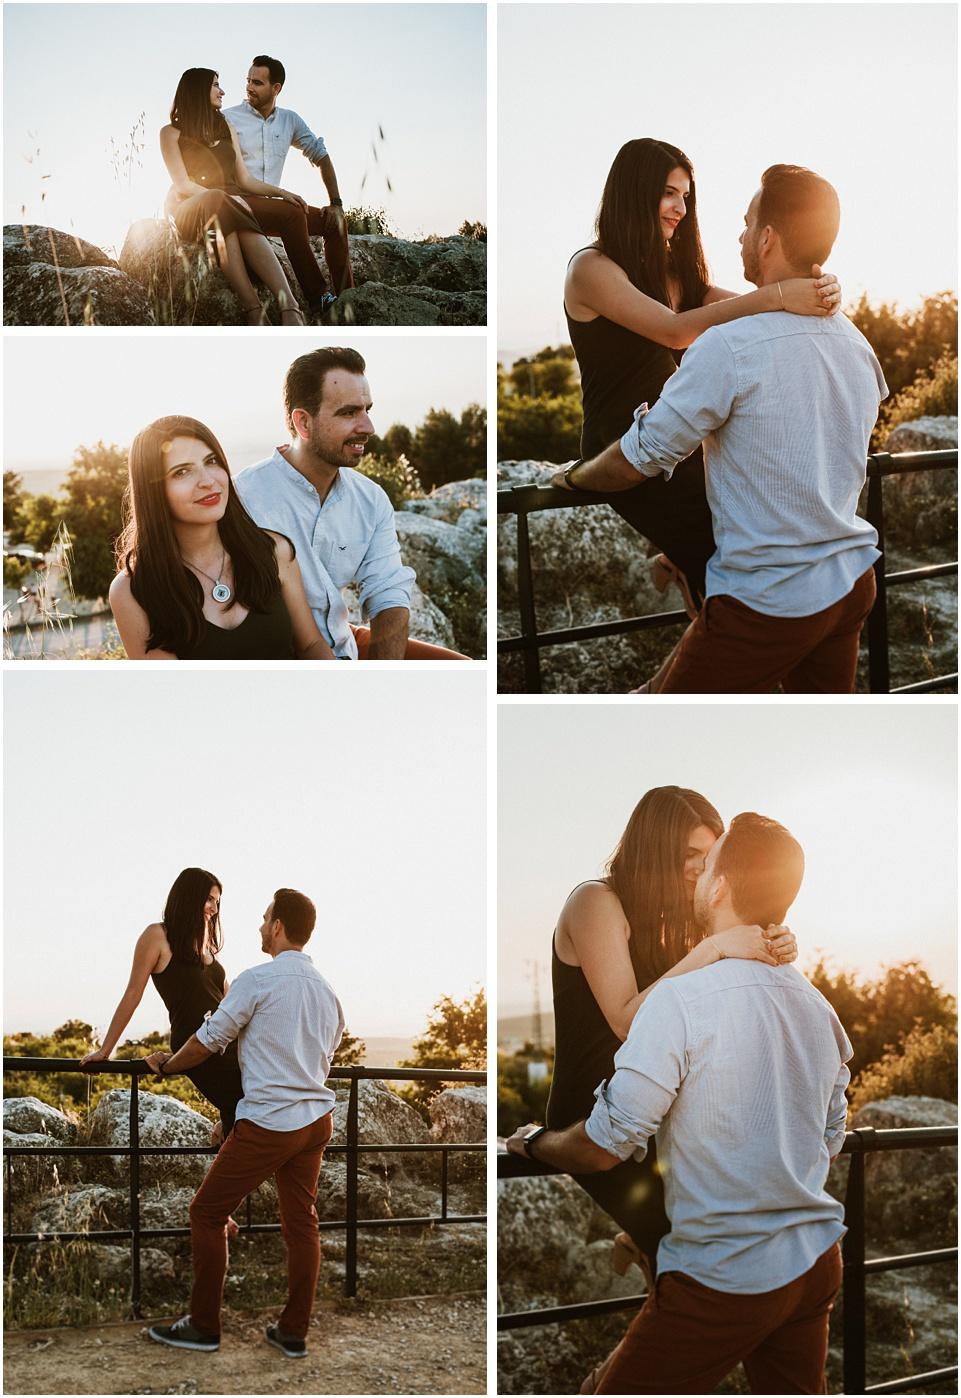 fotografia de pareja en jaen,fotografia en jaen,fotografo de bodas en jaen,fotografo en jaen,fotos de regalo,jaen,novios de jaen,parejas en jaen,sesion de pareja,sesion de pareja de regalo,